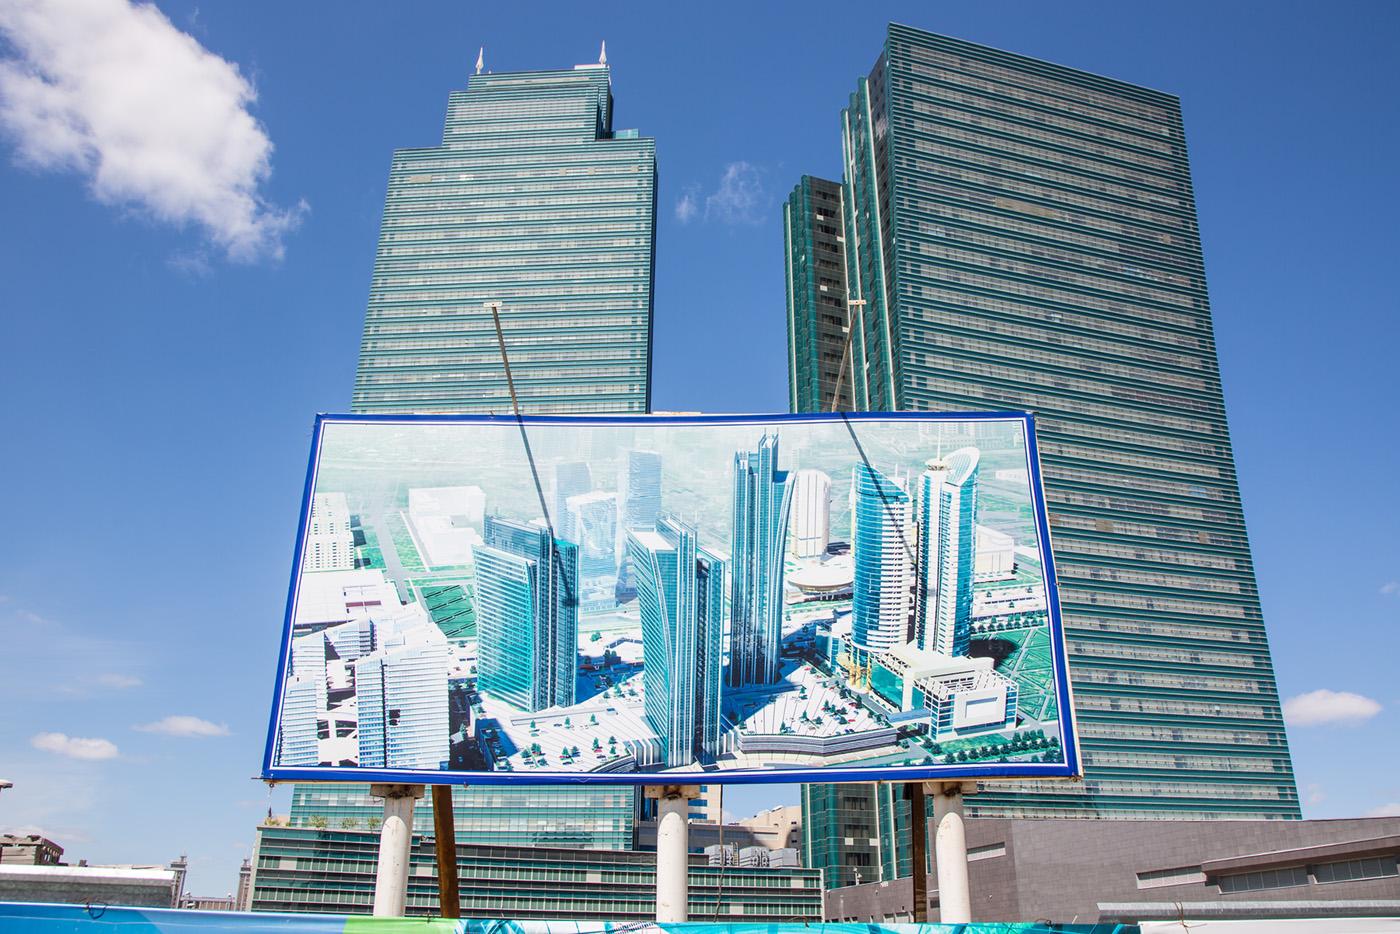 Emerald Towers, derzeit stoppen die Bauarbeiten für den dritten Turm.